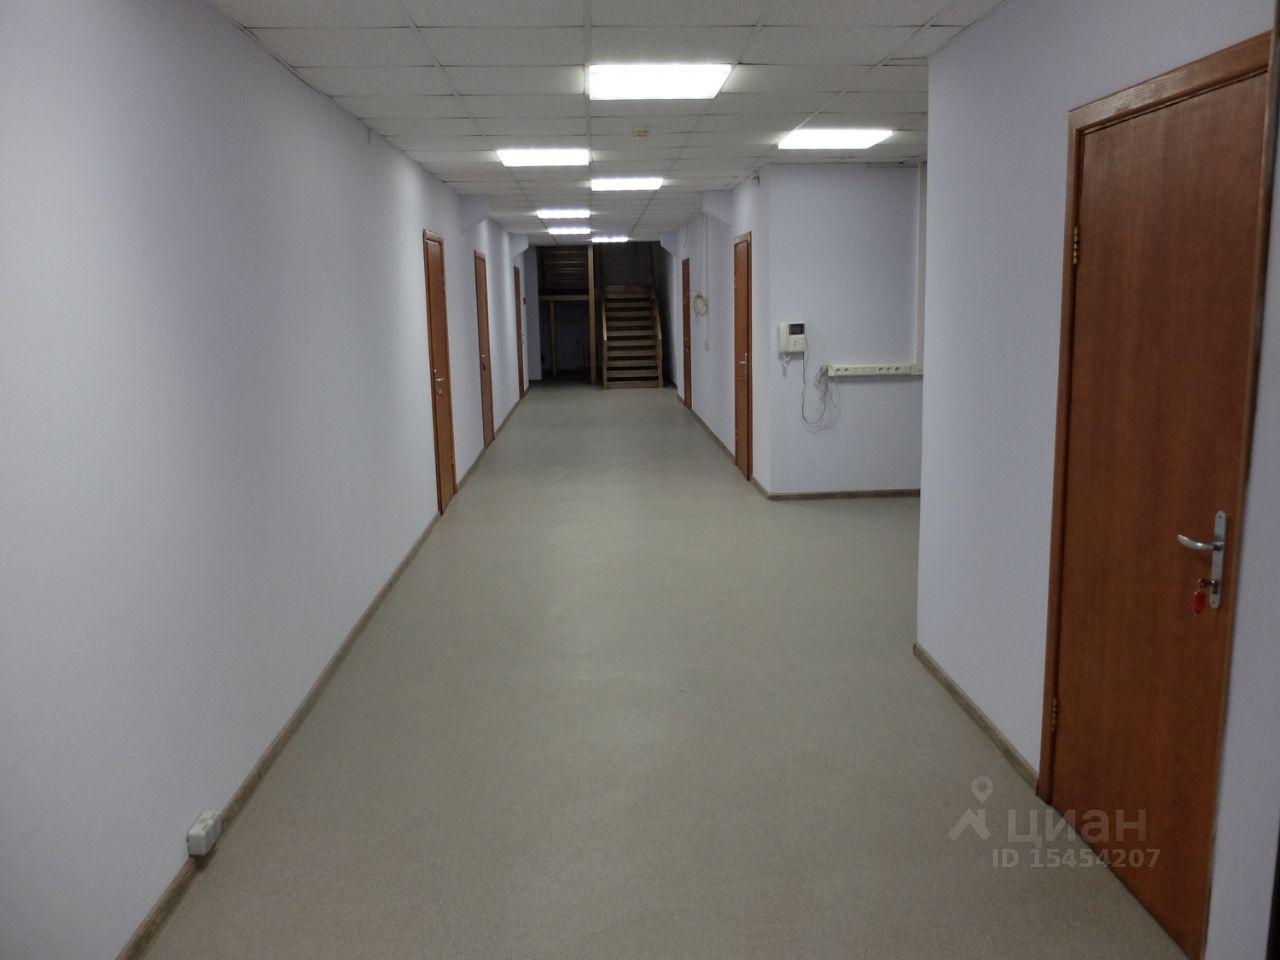 Аренда офиса москве вднх портал поиска помещений для офиса Ослябинский переулок